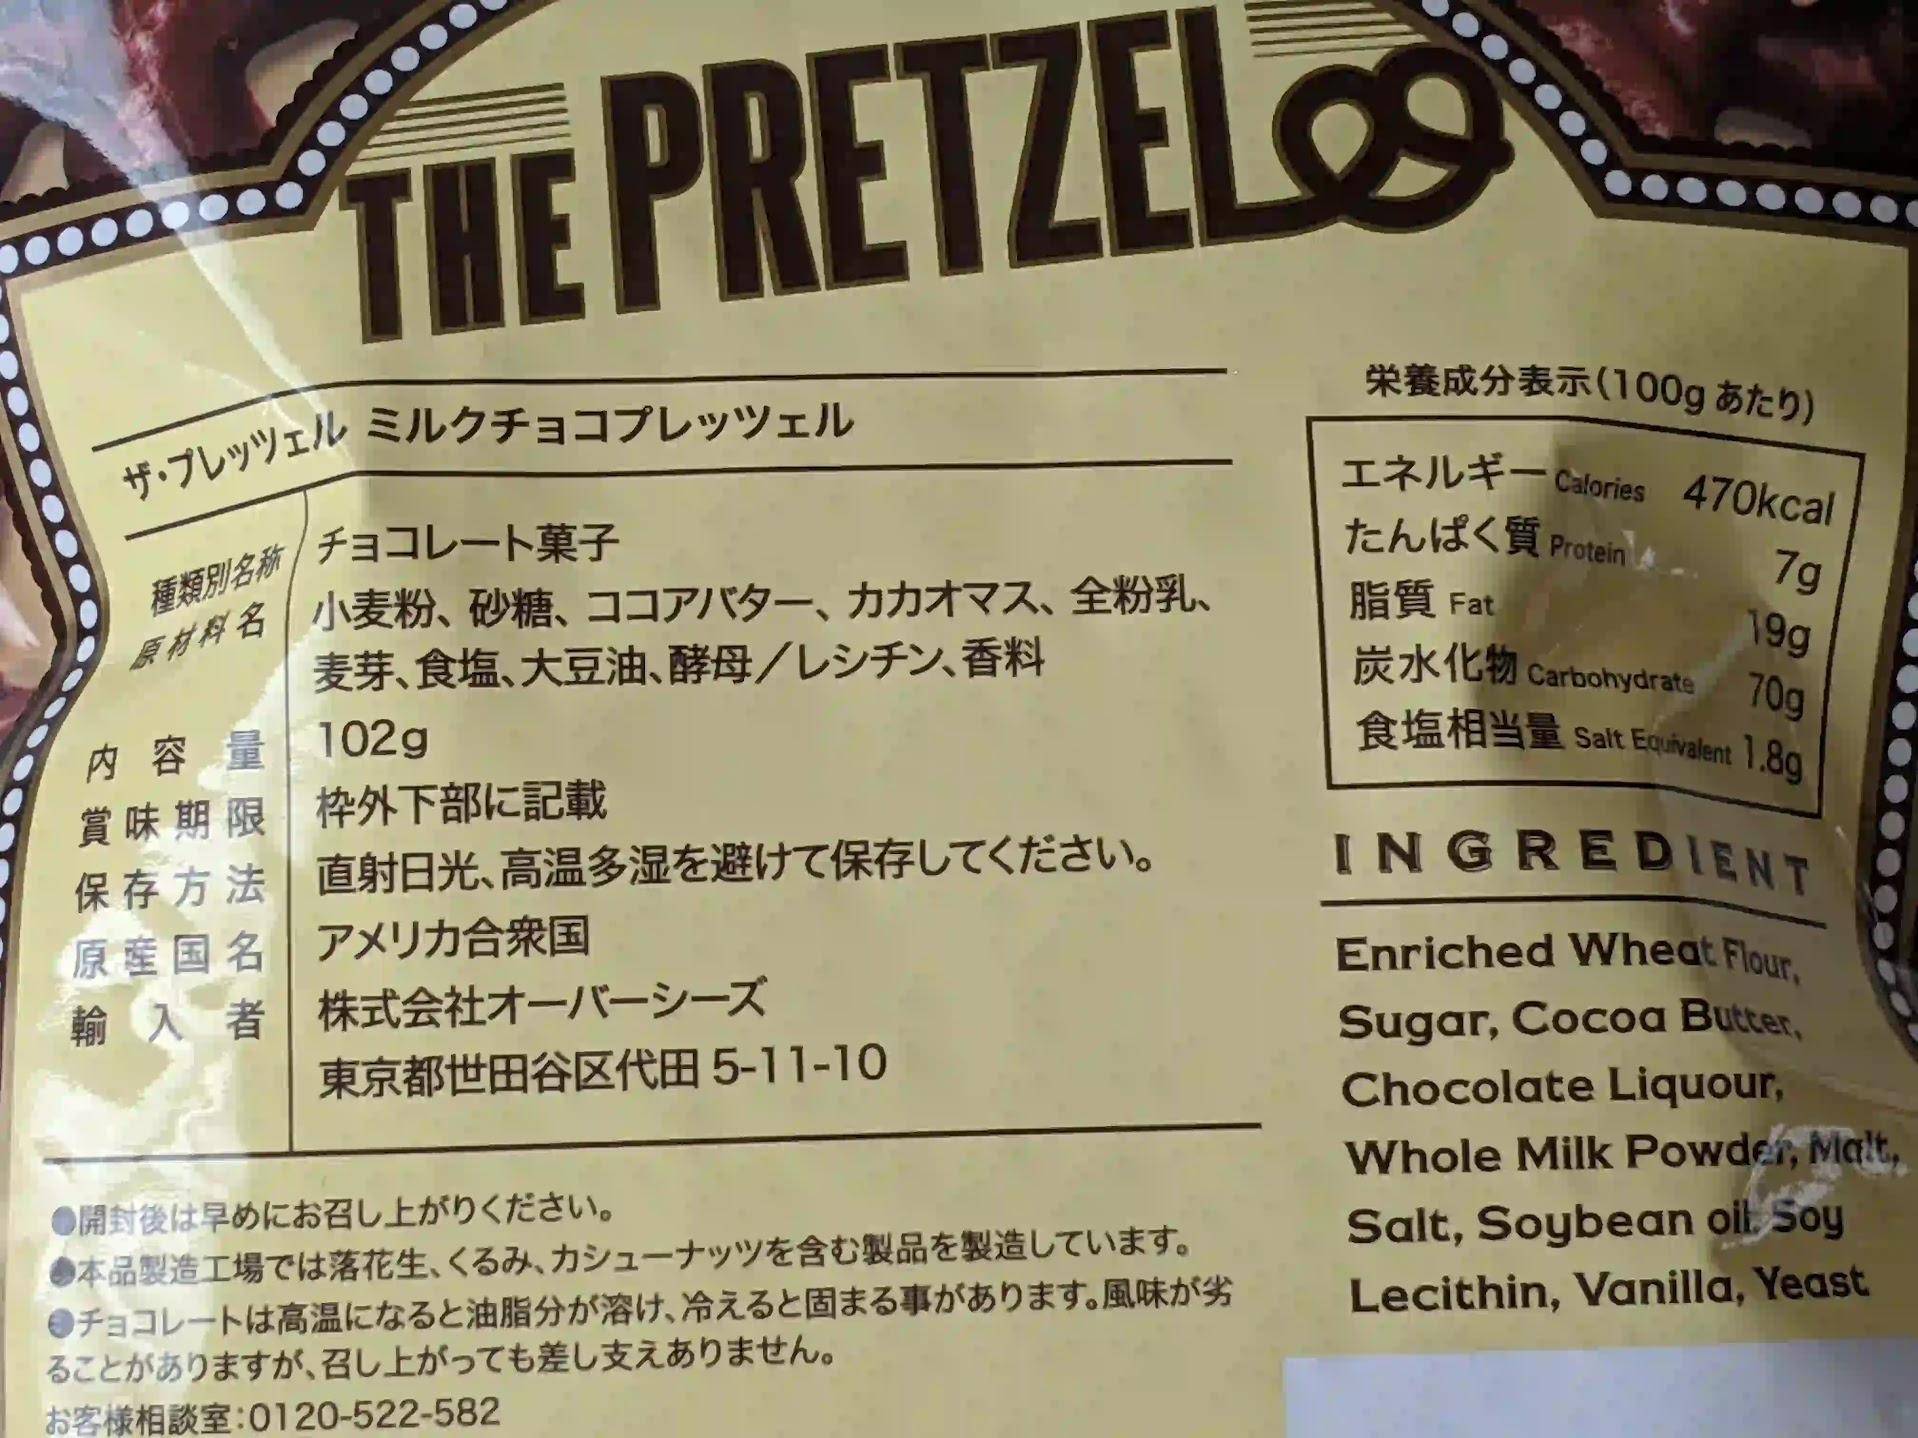 ザプレッツェル ミルクチョコプレッツェル 栄養成分表示